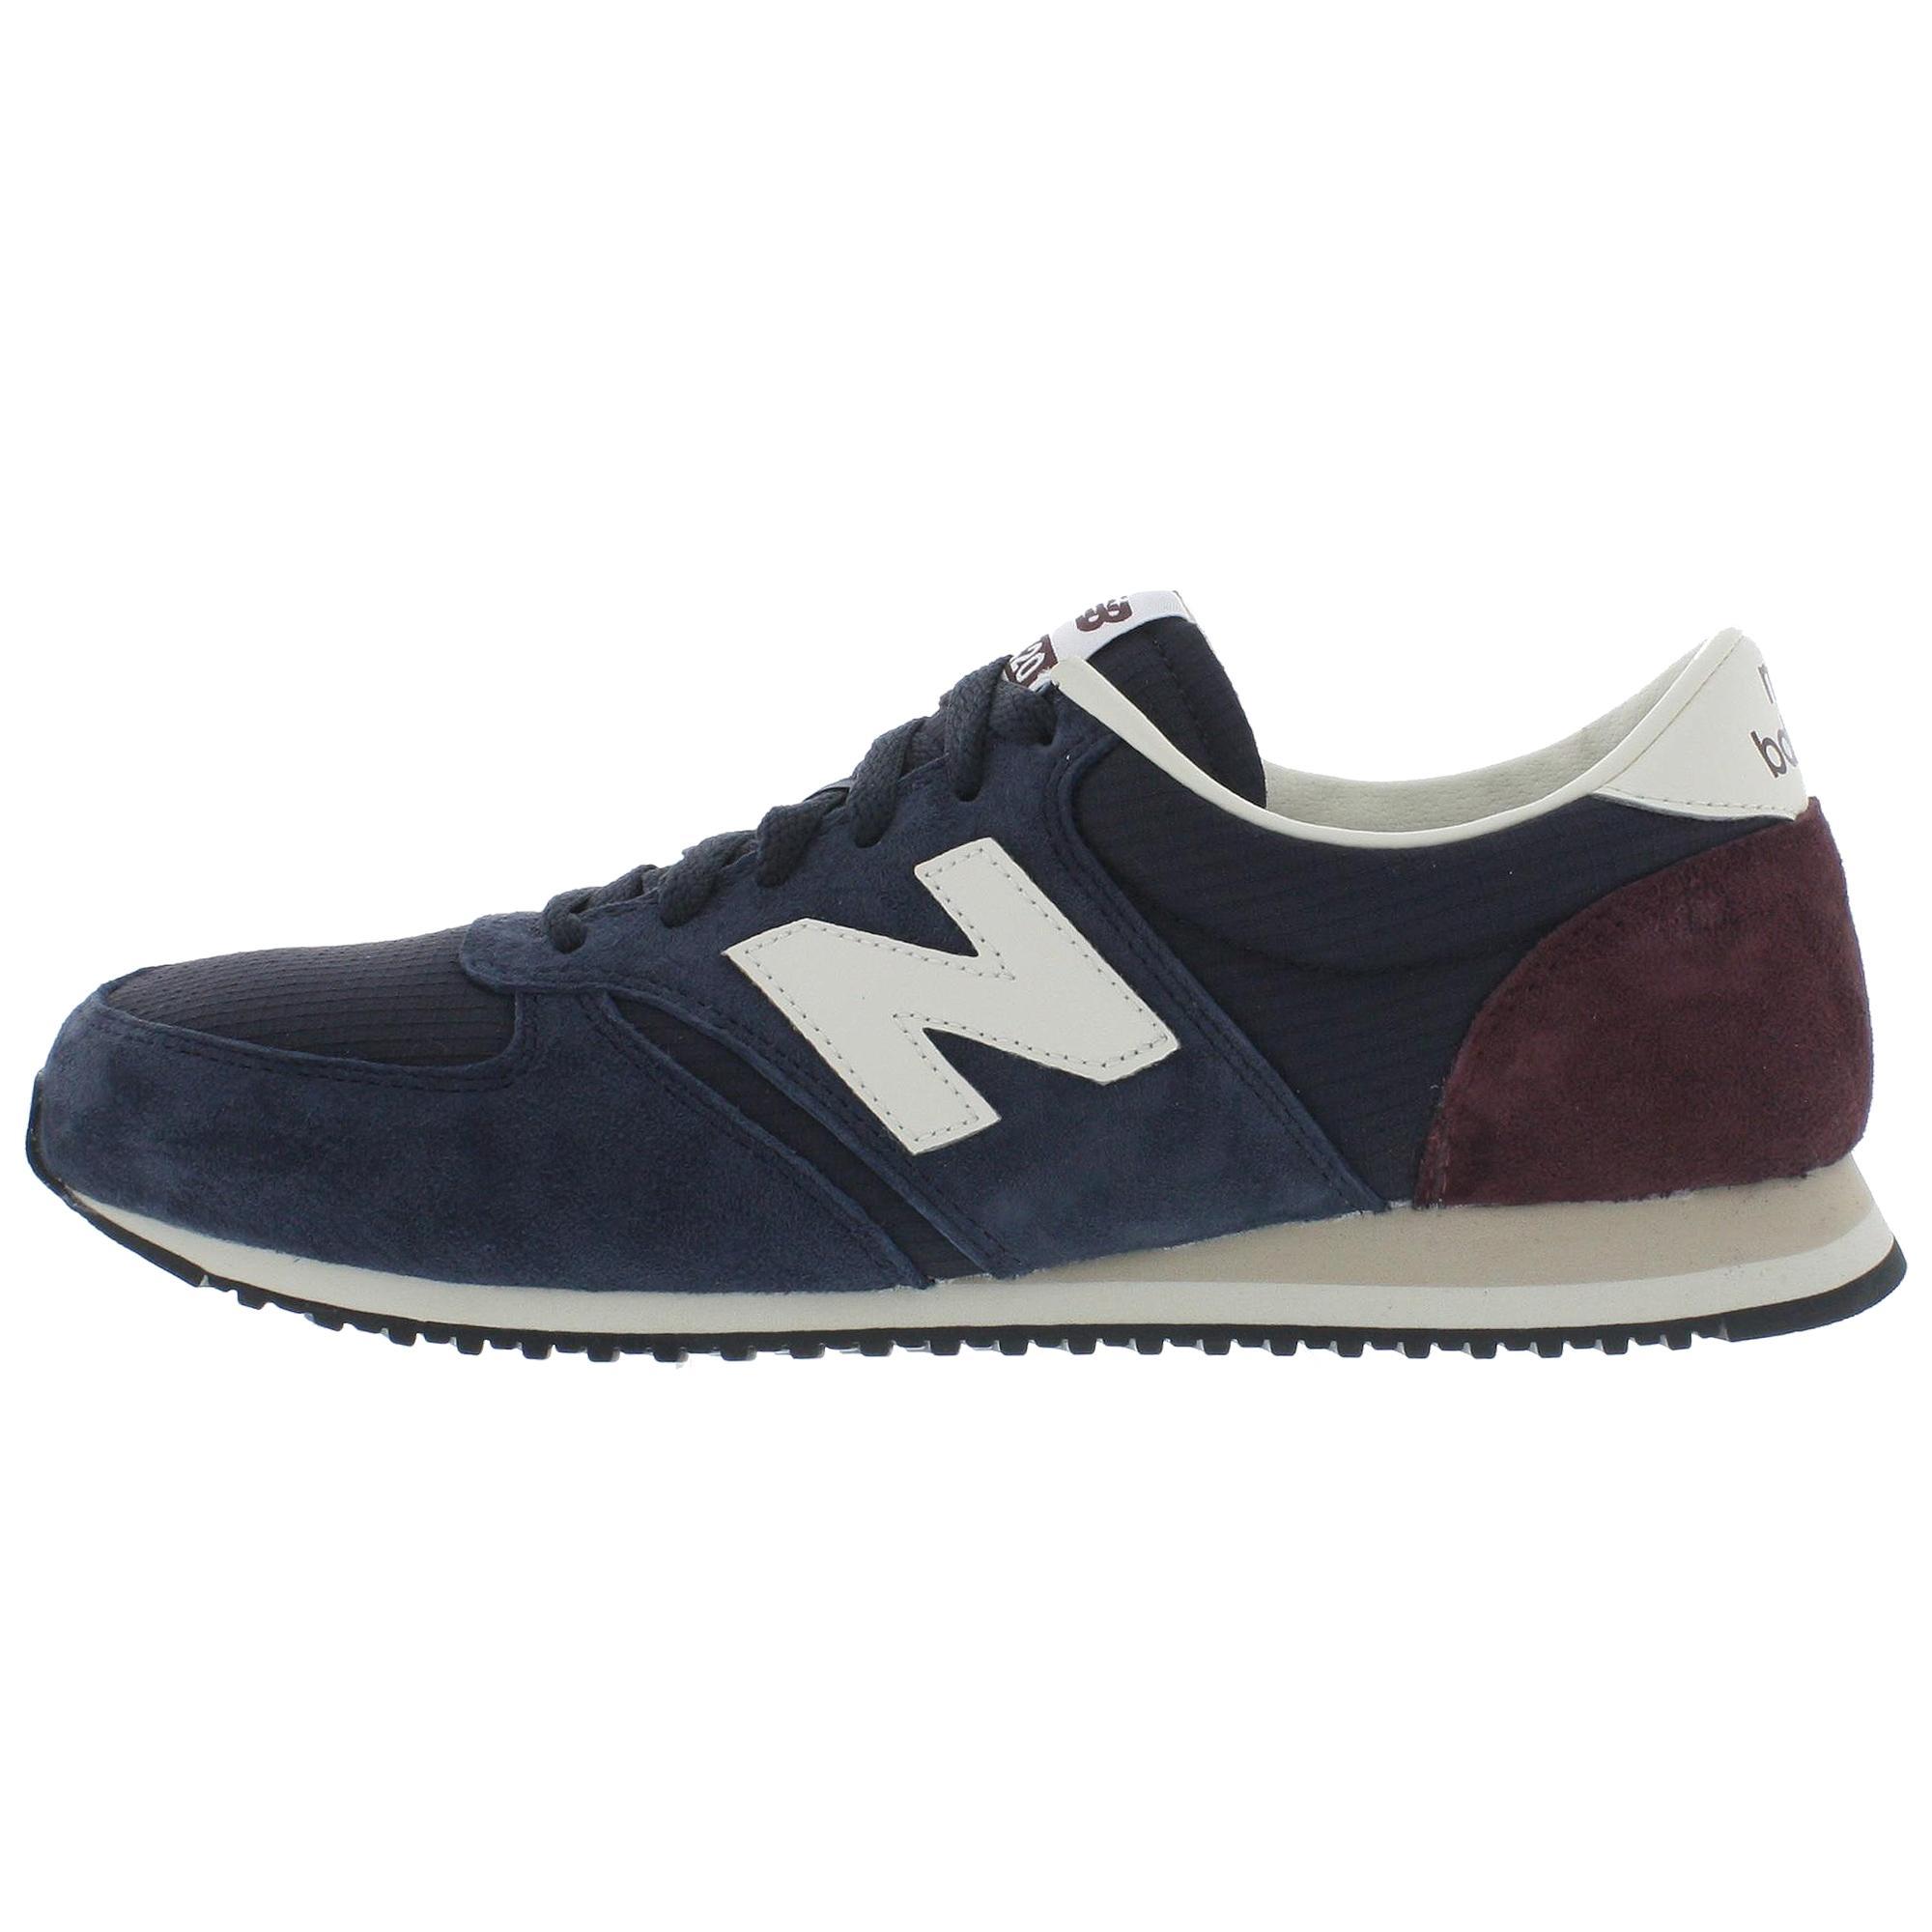 New Balance 420 Erkek Günlük Spor Ayakkabı